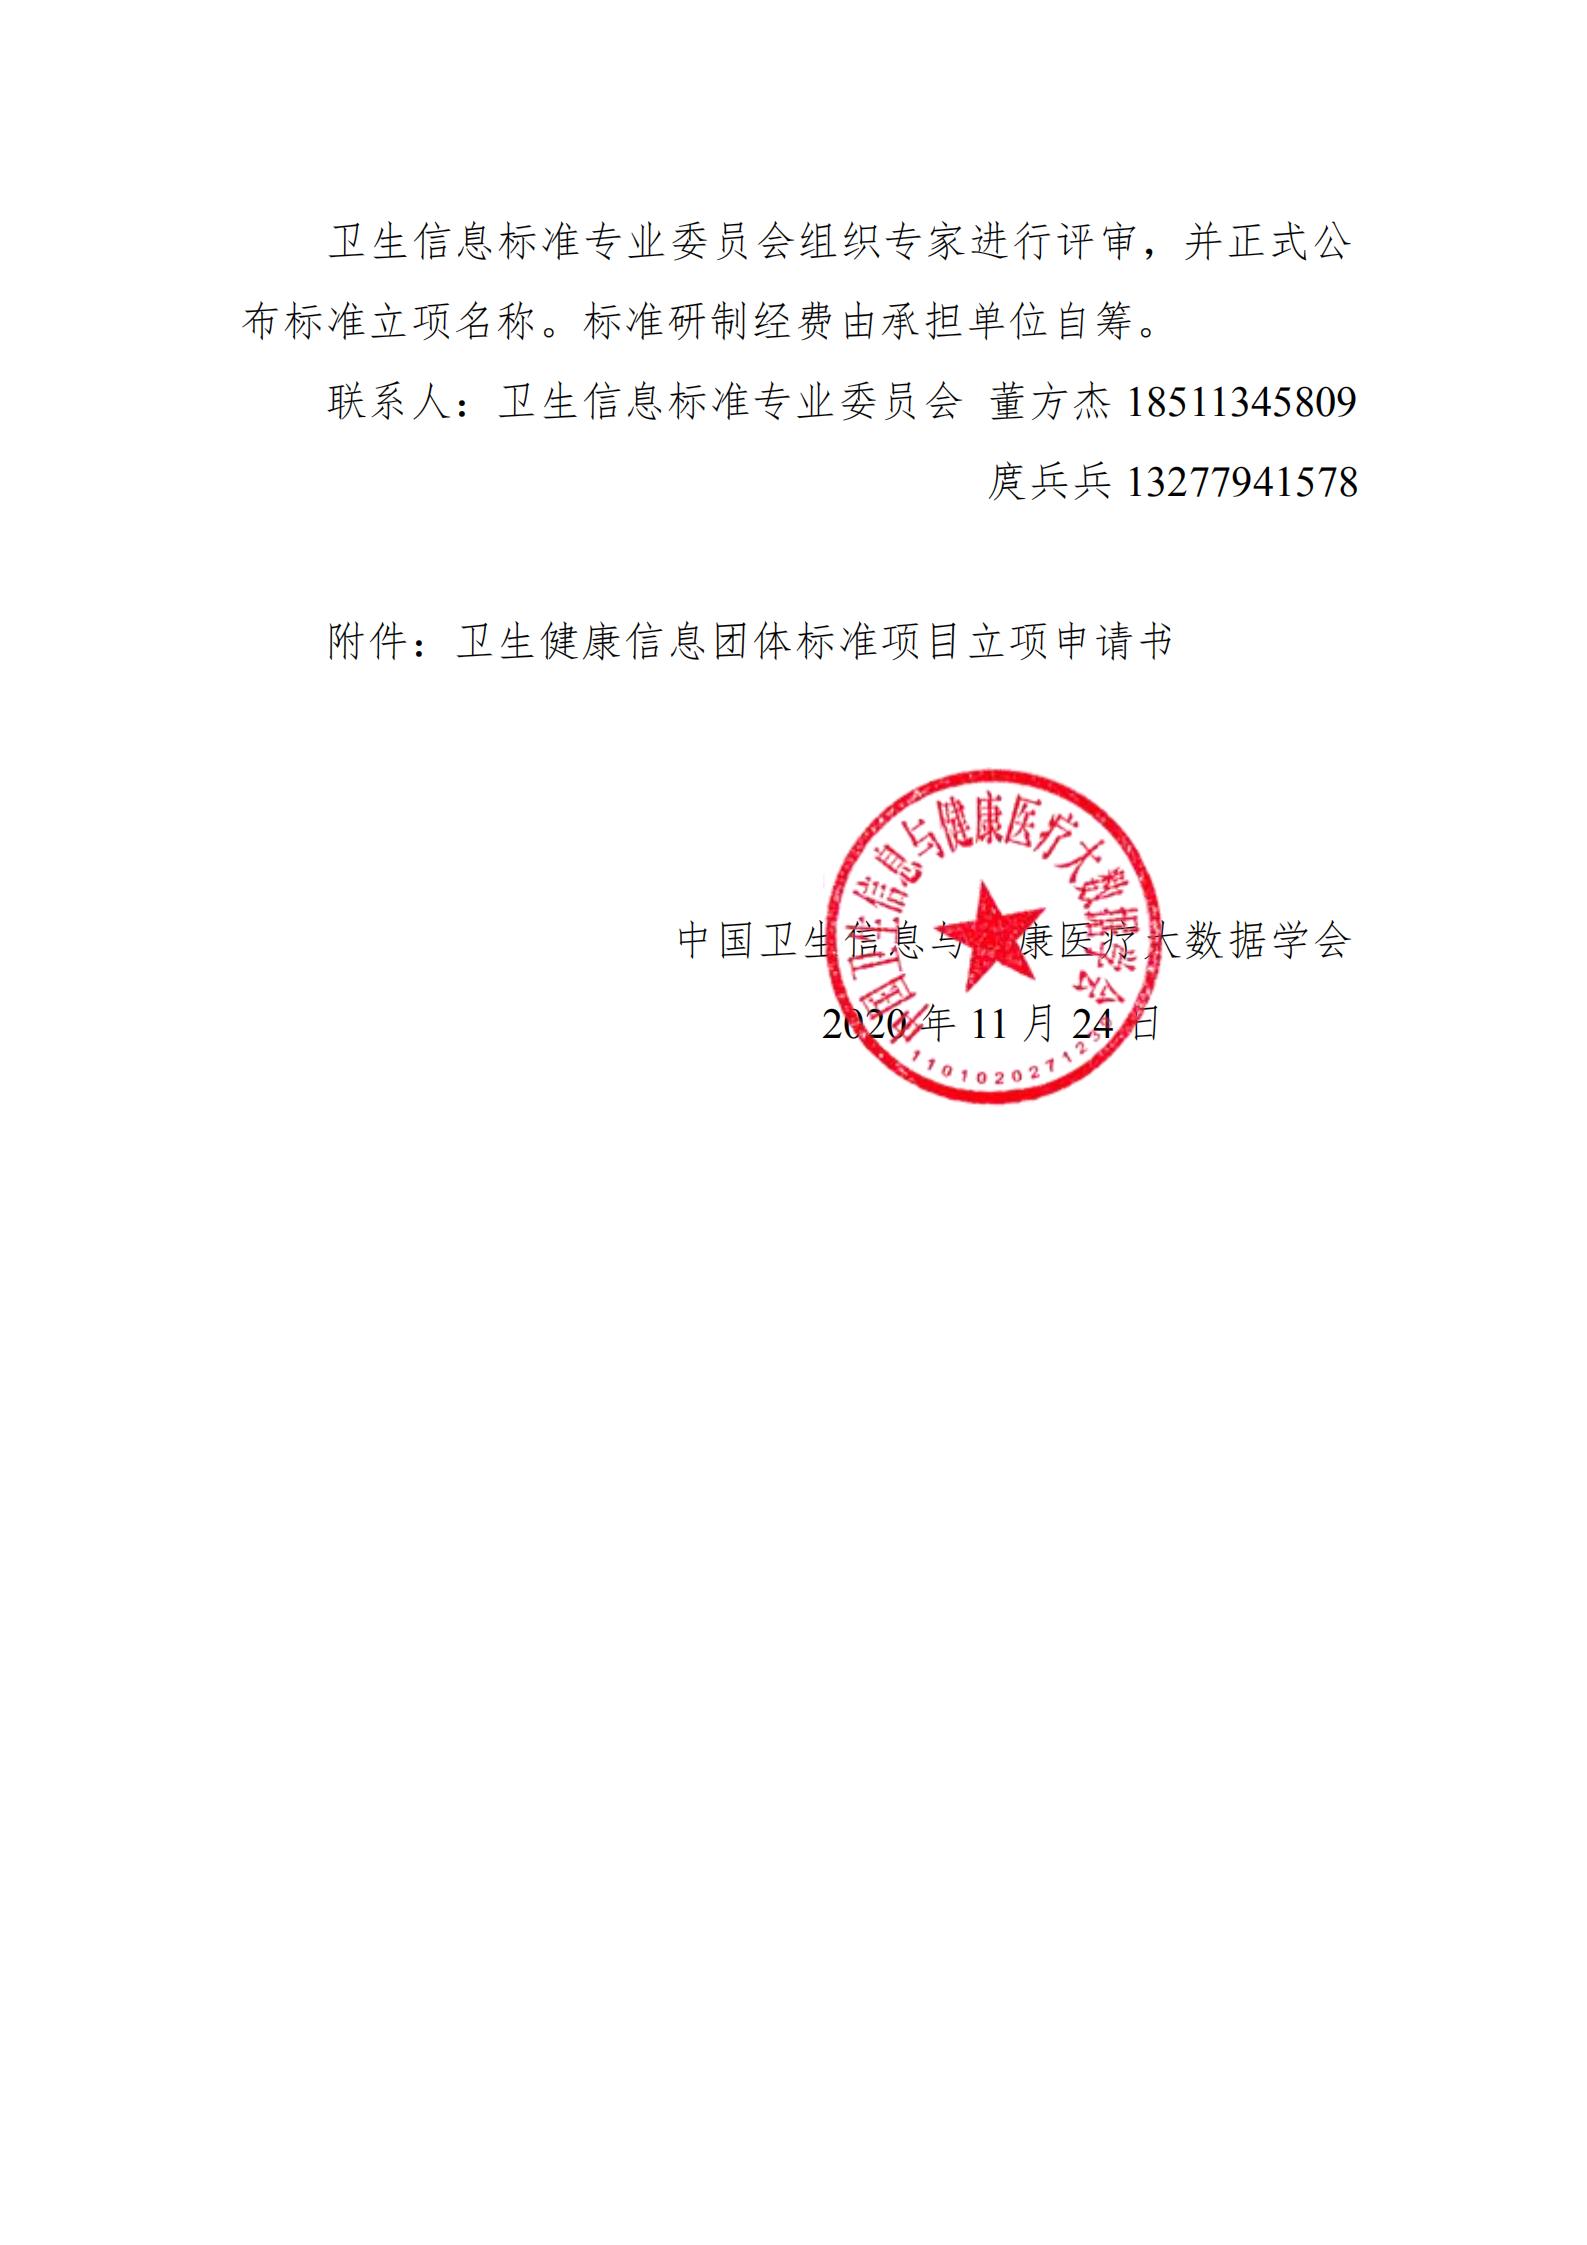 2020年度团体标准项目的通知_02.png